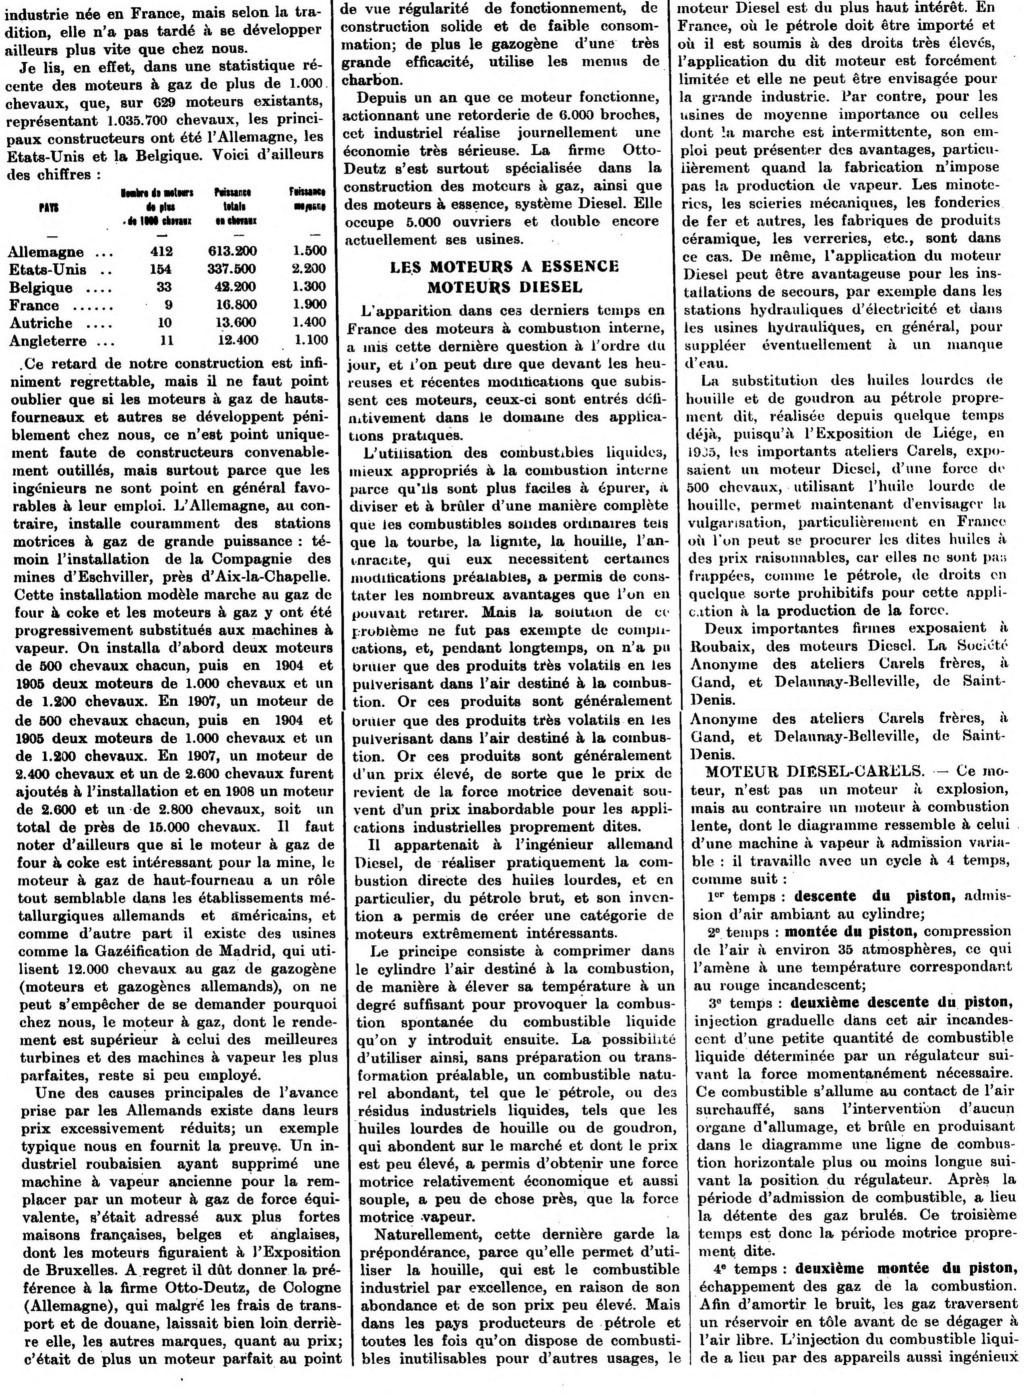 Les moteurs industriels: article de 1913 1451